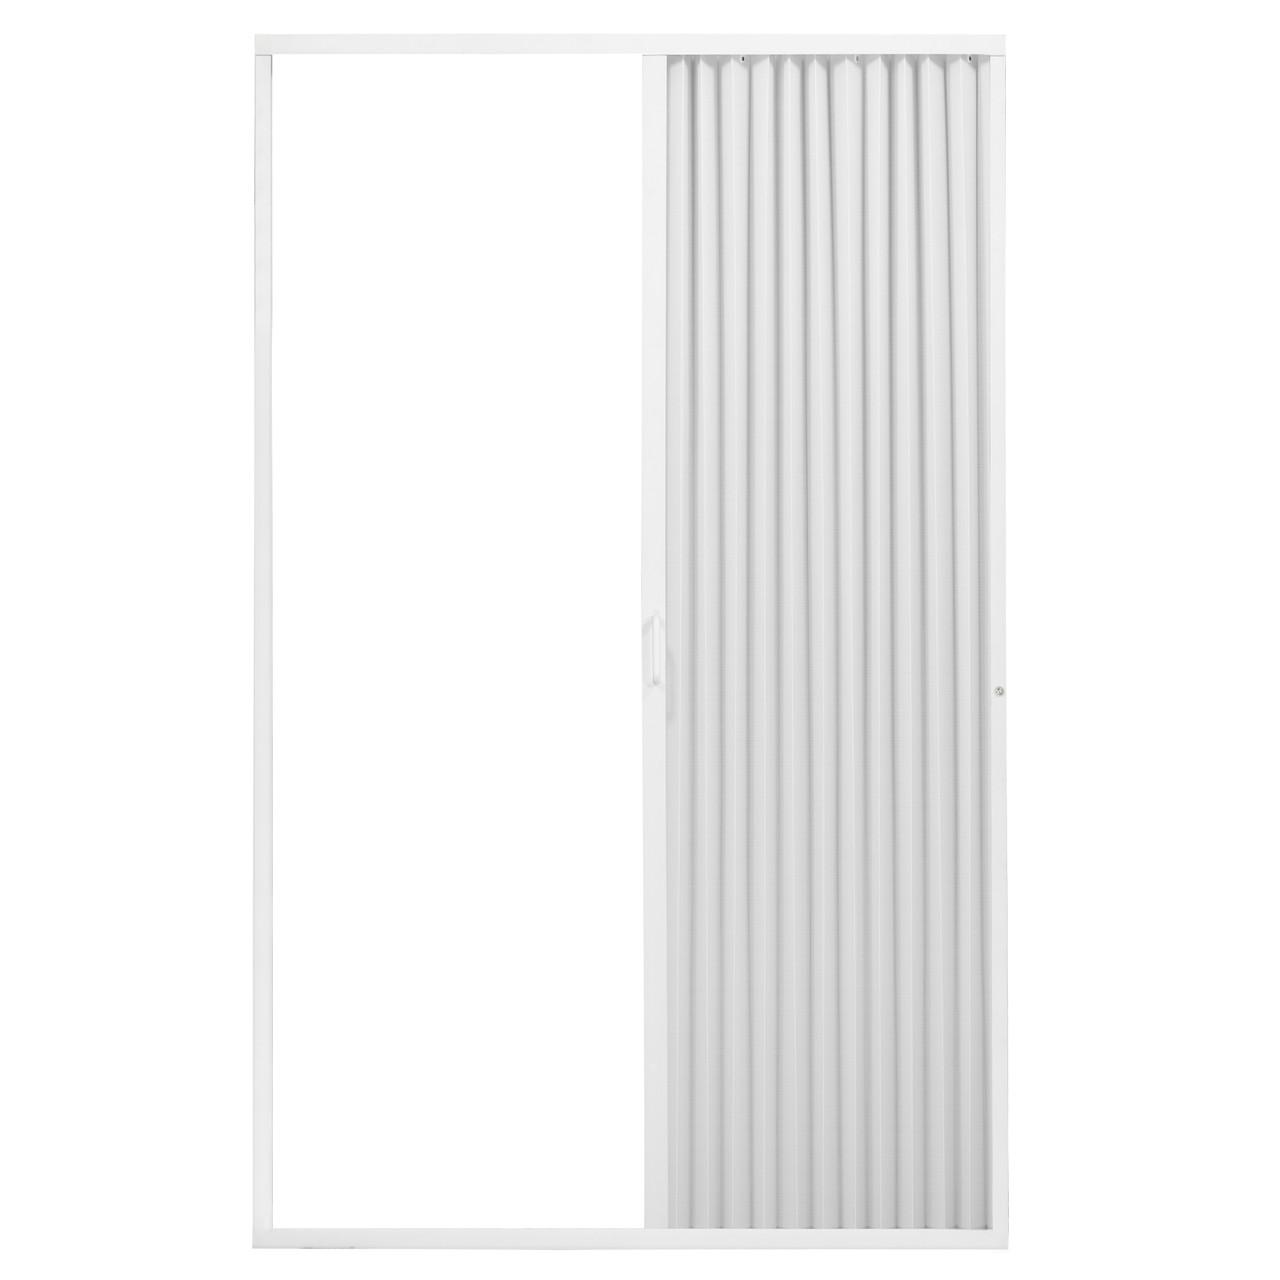 Pleated Folding RV Shower Doors White - RecPro